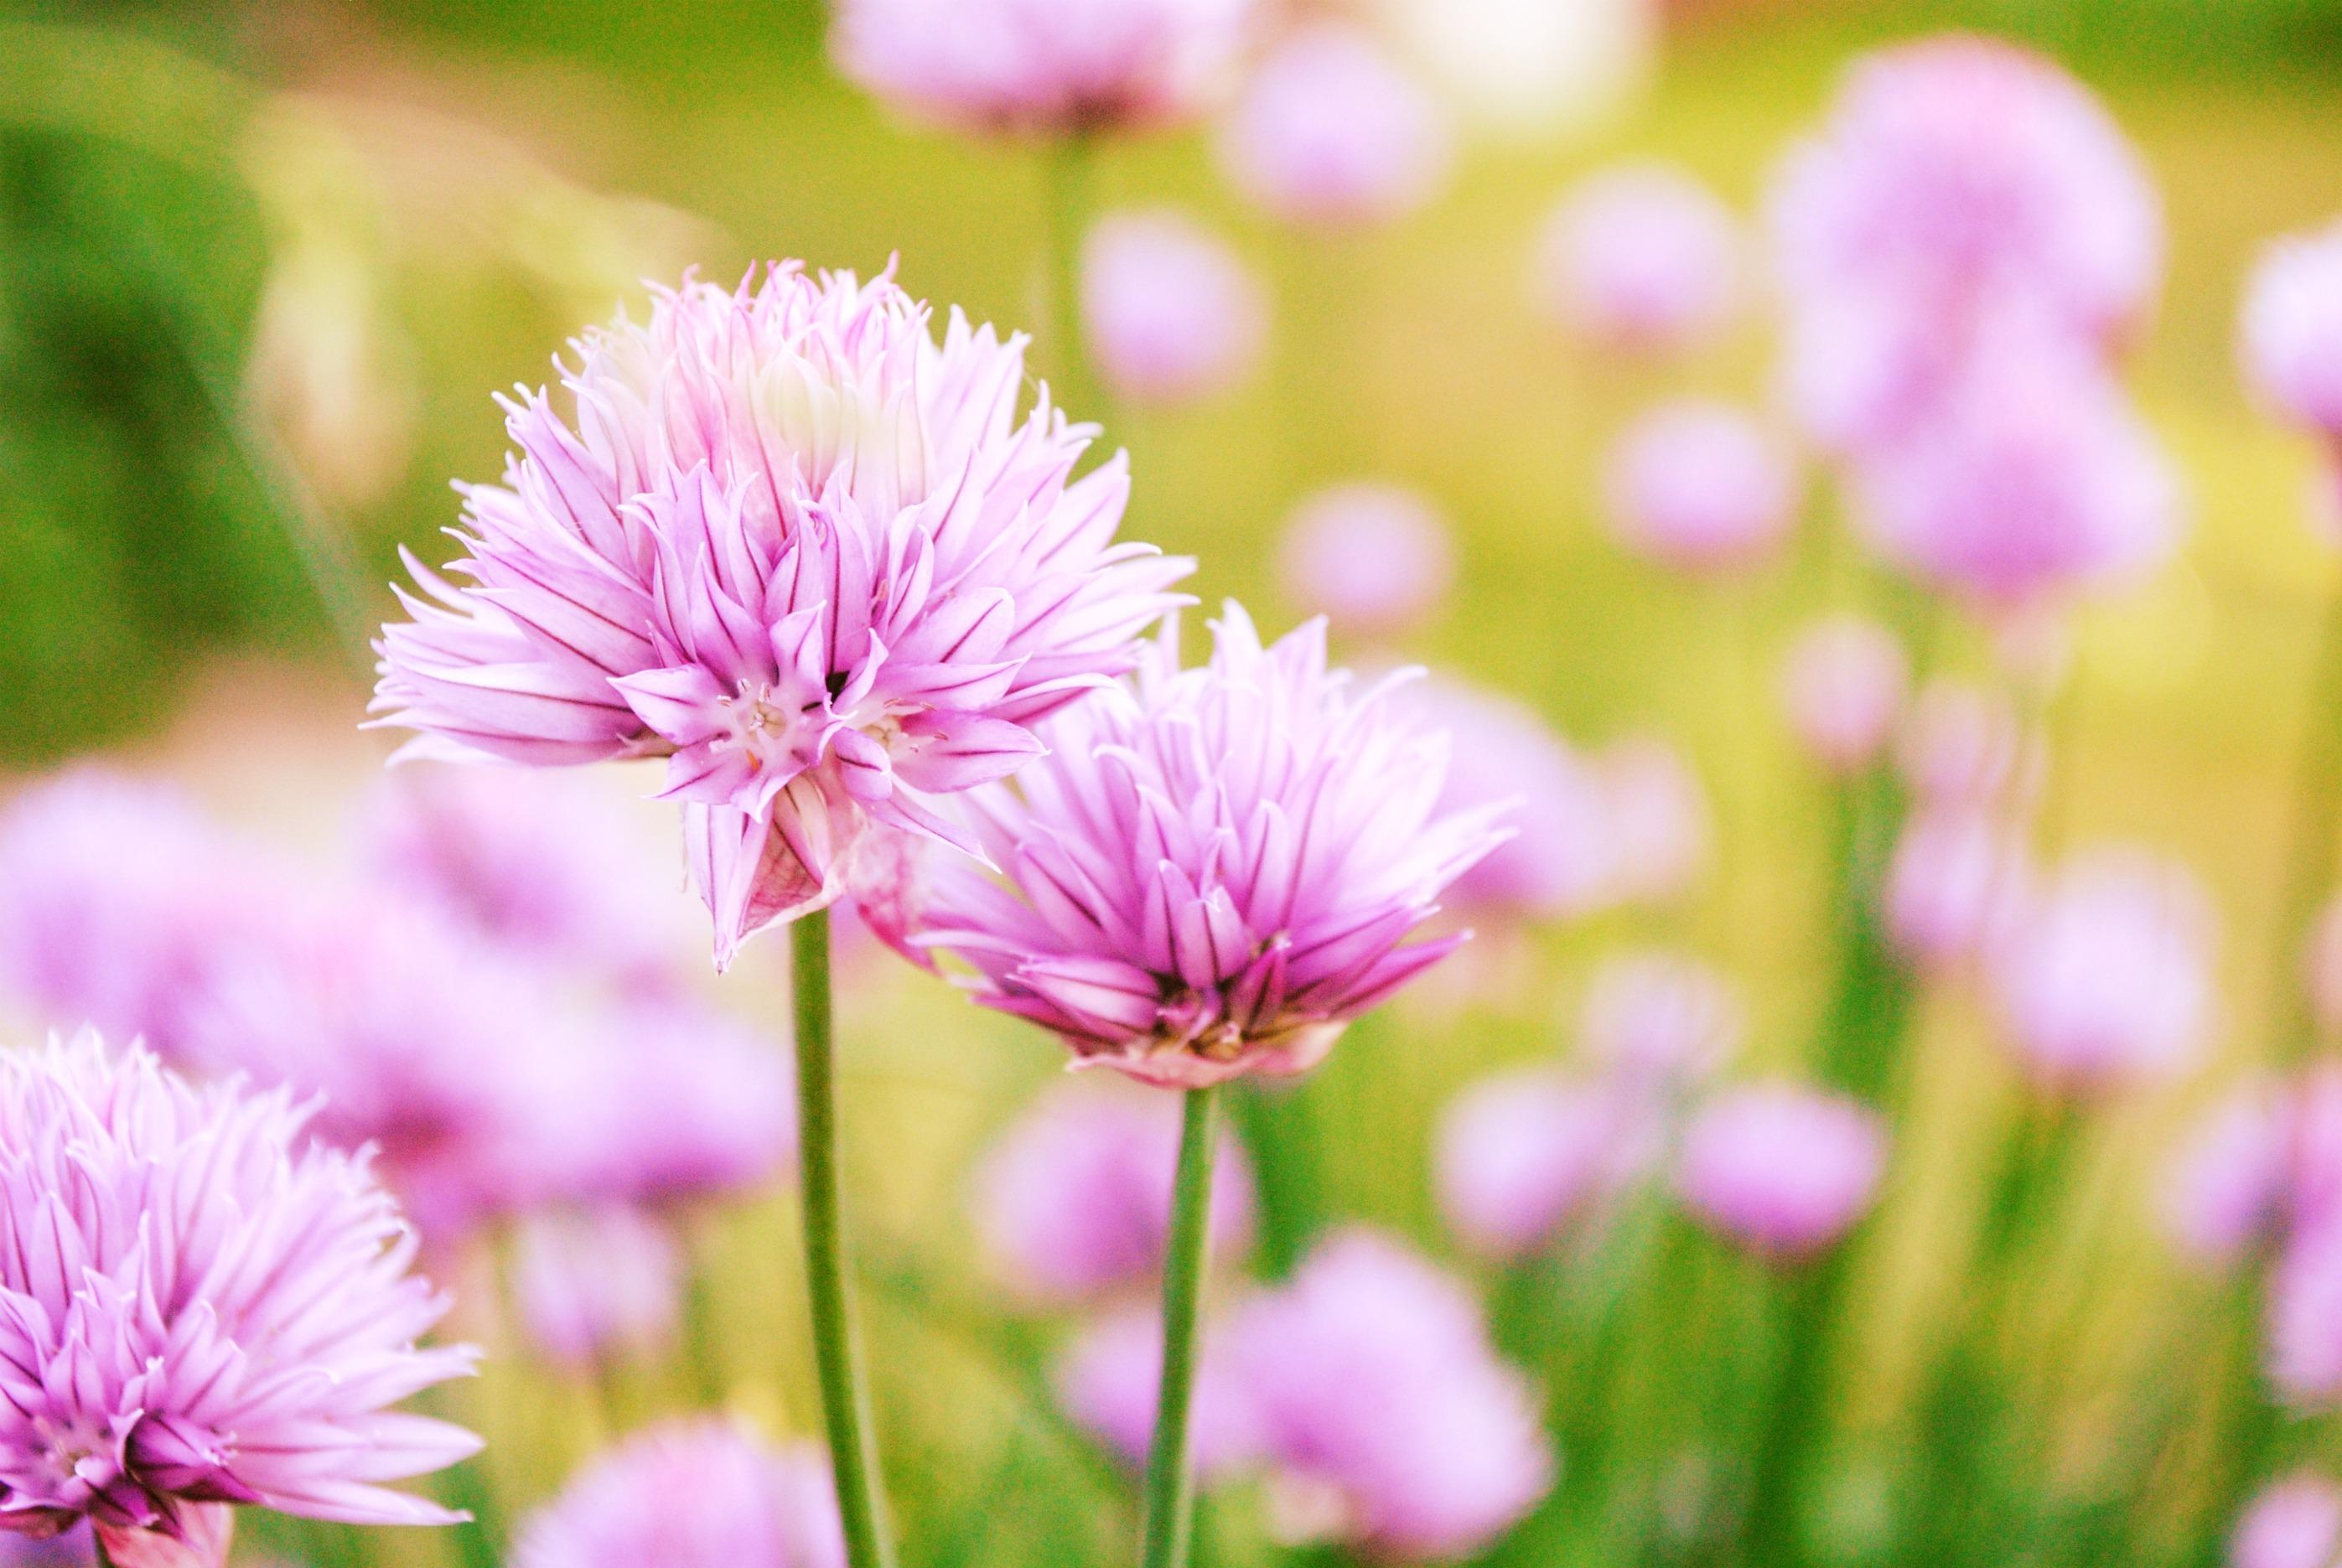 Цветы клевер  № 1341298 без смс